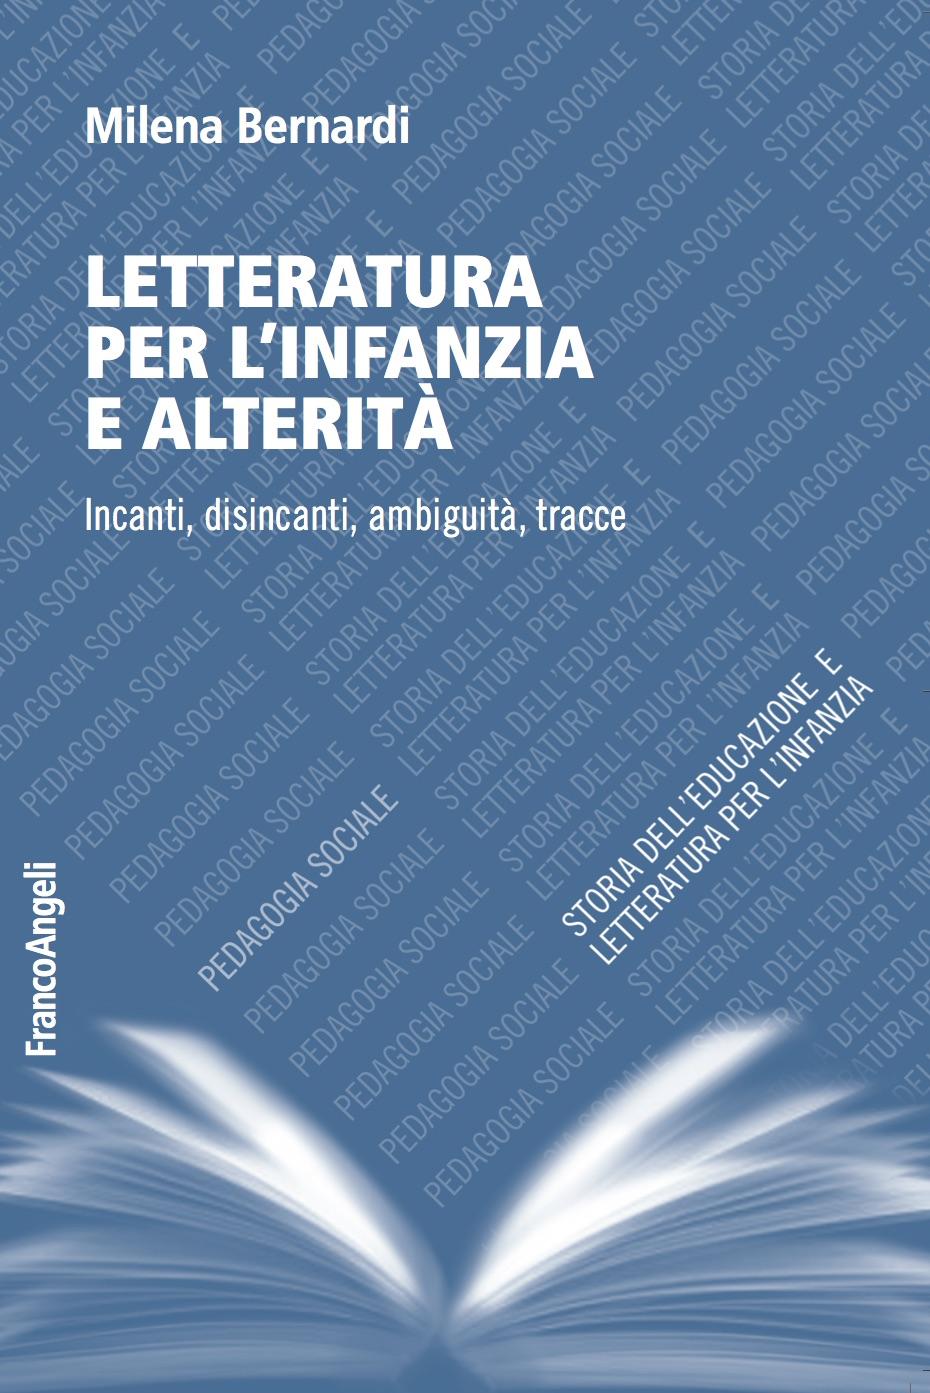 Copertina libro Letteratura per l